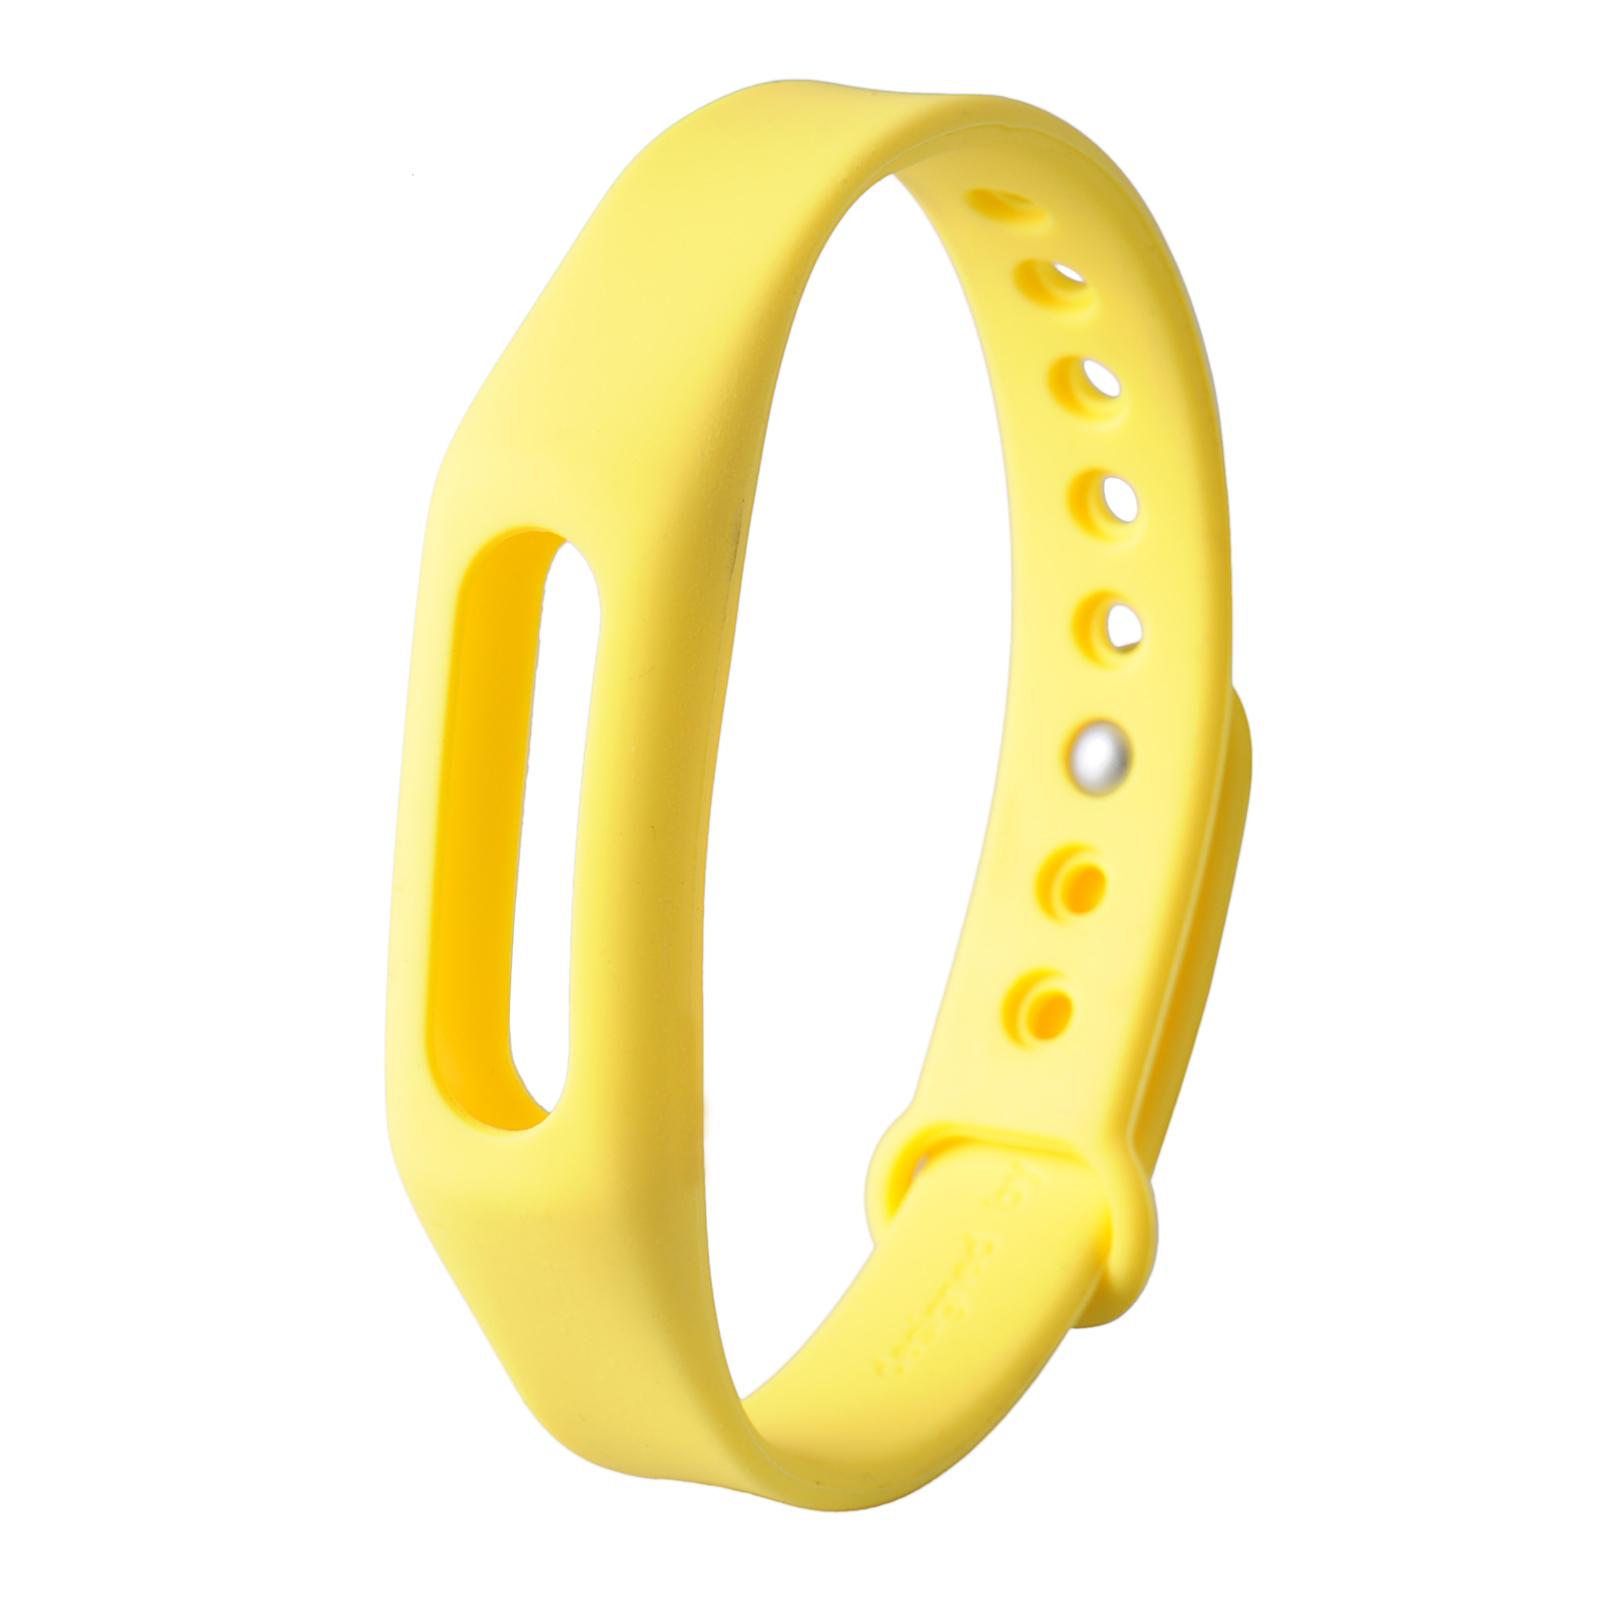 Náhradní náramek pro Xiaomi Mi Band 1/1A/1S Barva: Žlutá